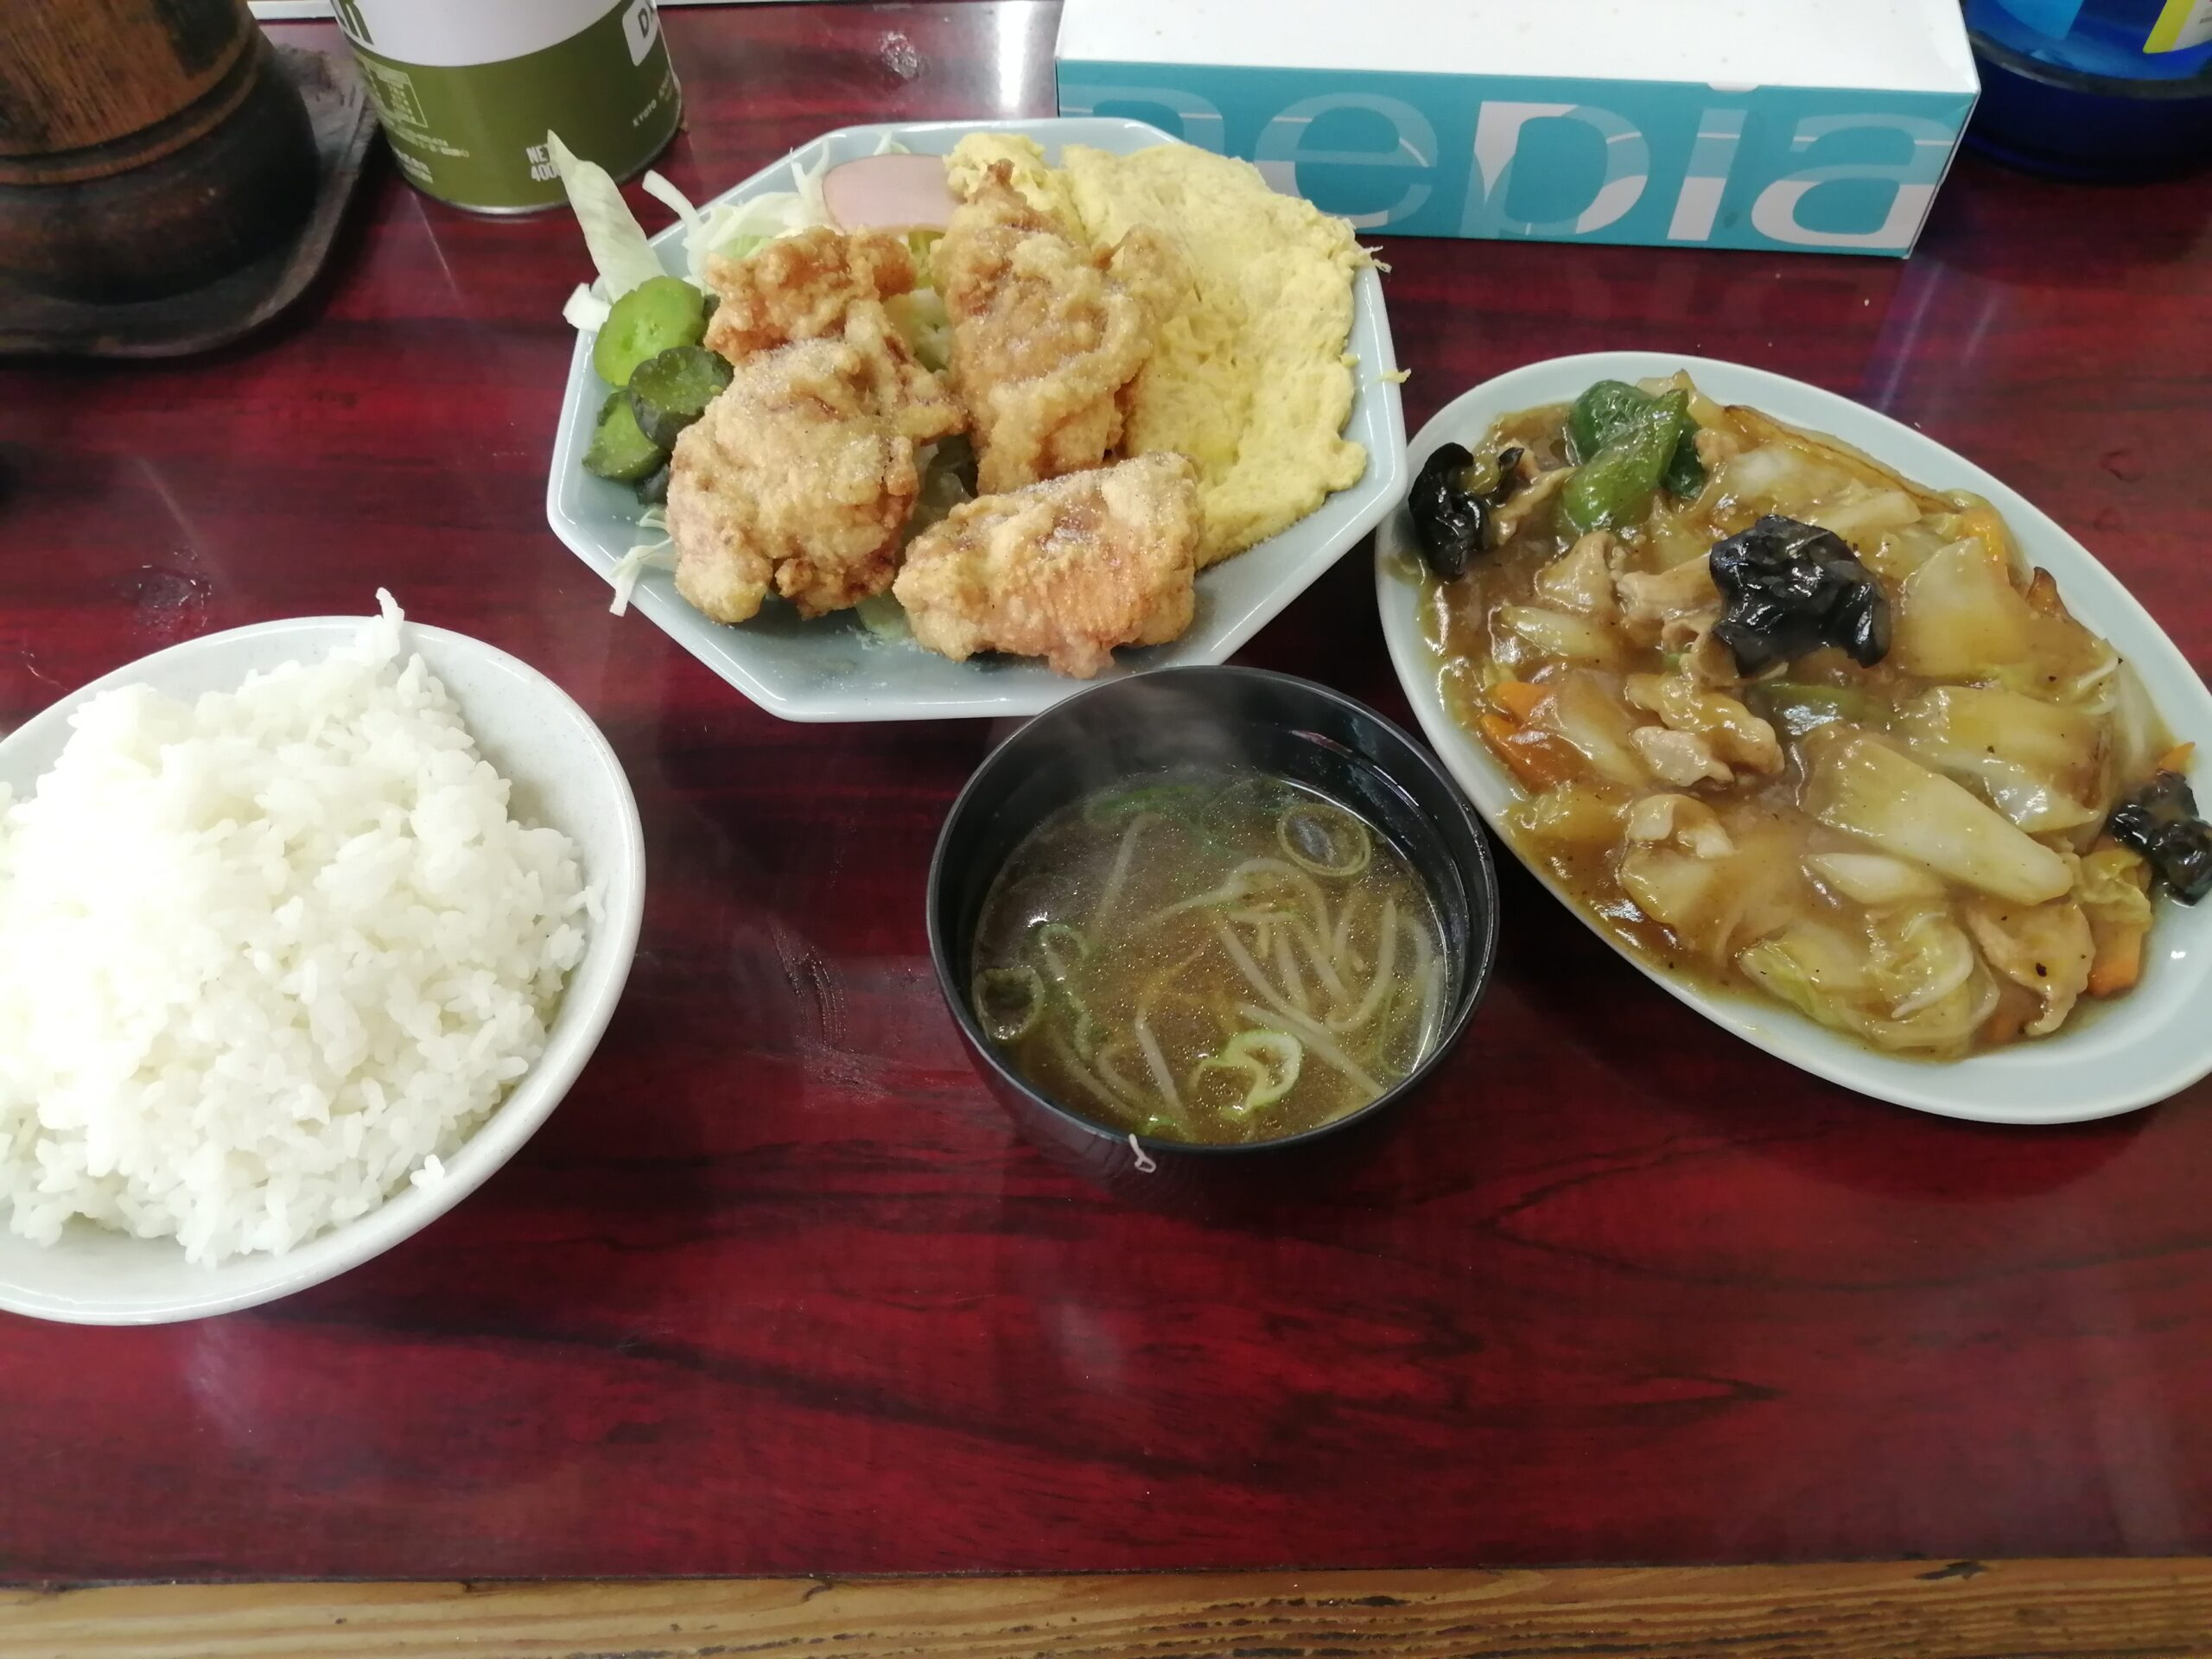 味園(大阪・三国)町中華 味園定食750円